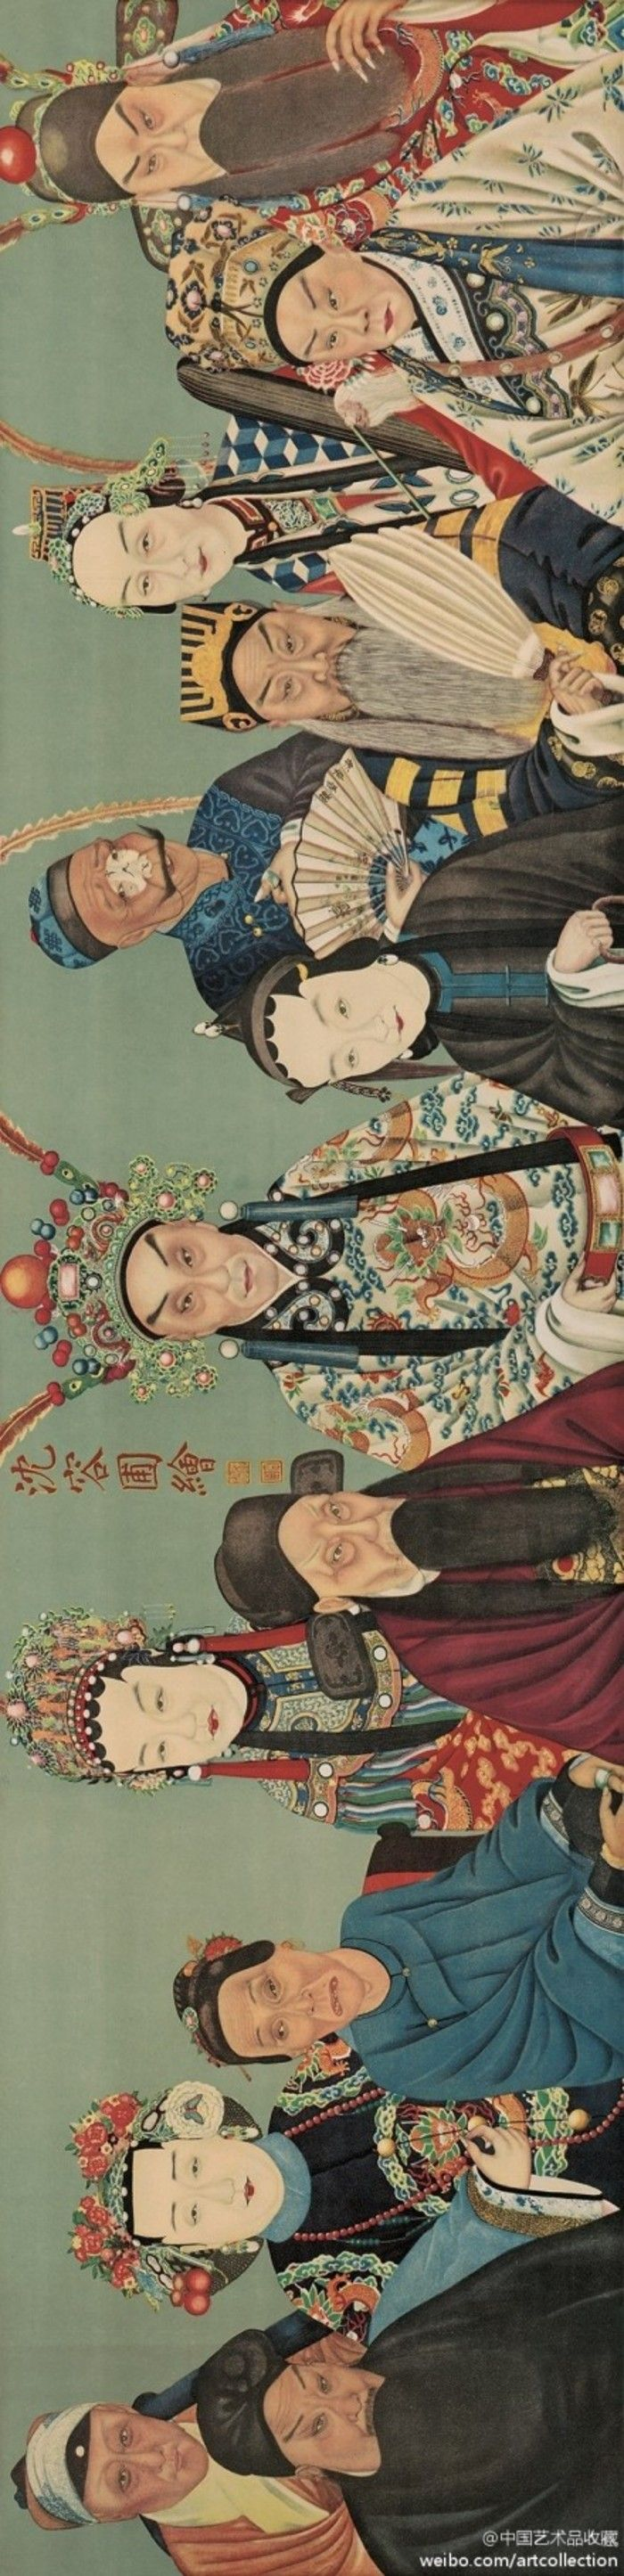 #人物画#【 清 沈容圃 《同光名伶十三绝》 】卷,绢本设色,25.7×105.3cm,中国艺术博物馆藏。 绘制于清光绪年间,属工笔写生戏画像,该画作参照清代中期画家贺世魁所绘《京腔十三绝》中的戏曲人物,用工笔重彩绘制而成。画中人物为清代同治、光绪年间徽调、昆腔的徽班进京后扬名的13位著名京剧演员。所绘人物形态自然,各具表情,衣帽须眉,真实细腻。前排右起依次为:谭鑫培、卢胜奎、时小福,前排左起依次为:张二奎、刘赶三、程长庚,中间一位为徐小香。后排右起依次为:杨月楼、朱莲芬、杨鸣玉,后排左起依次为:郝兰田、梅巧玲、余紫云。